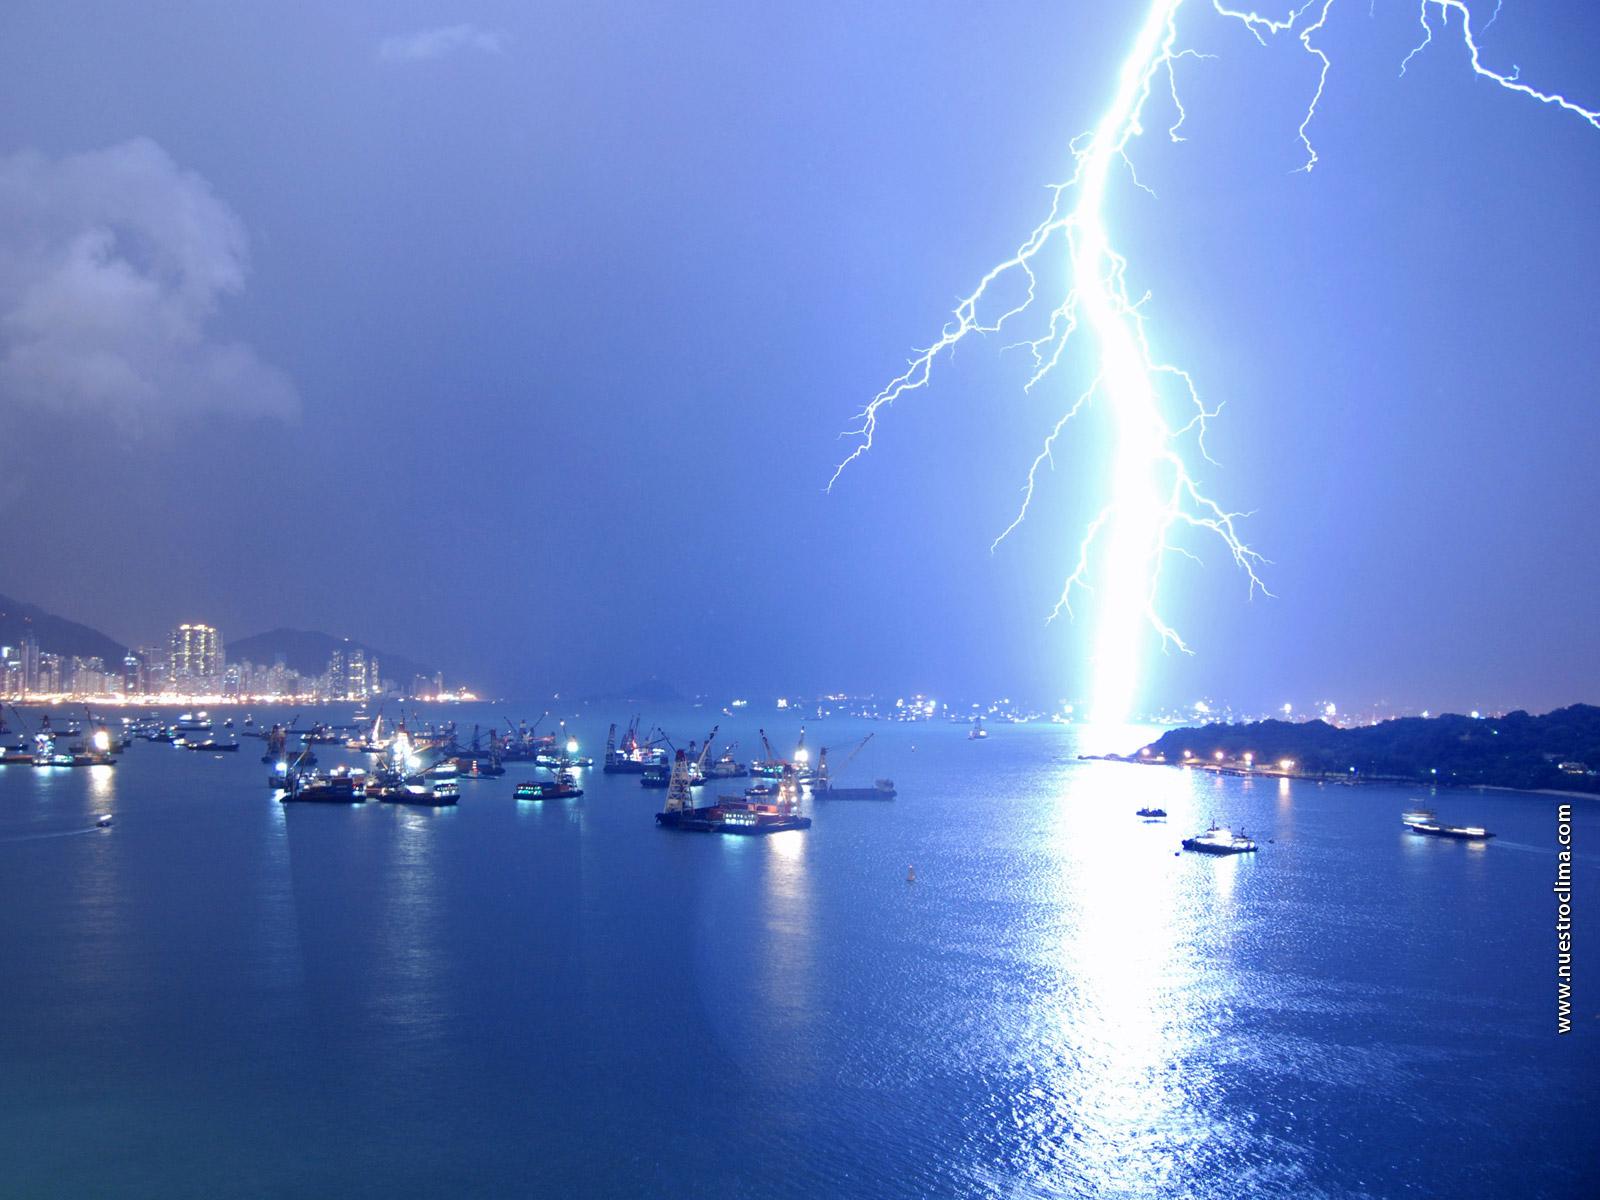 http://2.bp.blogspot.com/_dhm5T7rnwKk/THg7YcMa1OI/AAAAAAAADjs/dglPfjgvocQ/s1600/Electricidad%20generada%20en%20el%20aire%20como%20fuente%20de%20energía%20alternativa.jpg